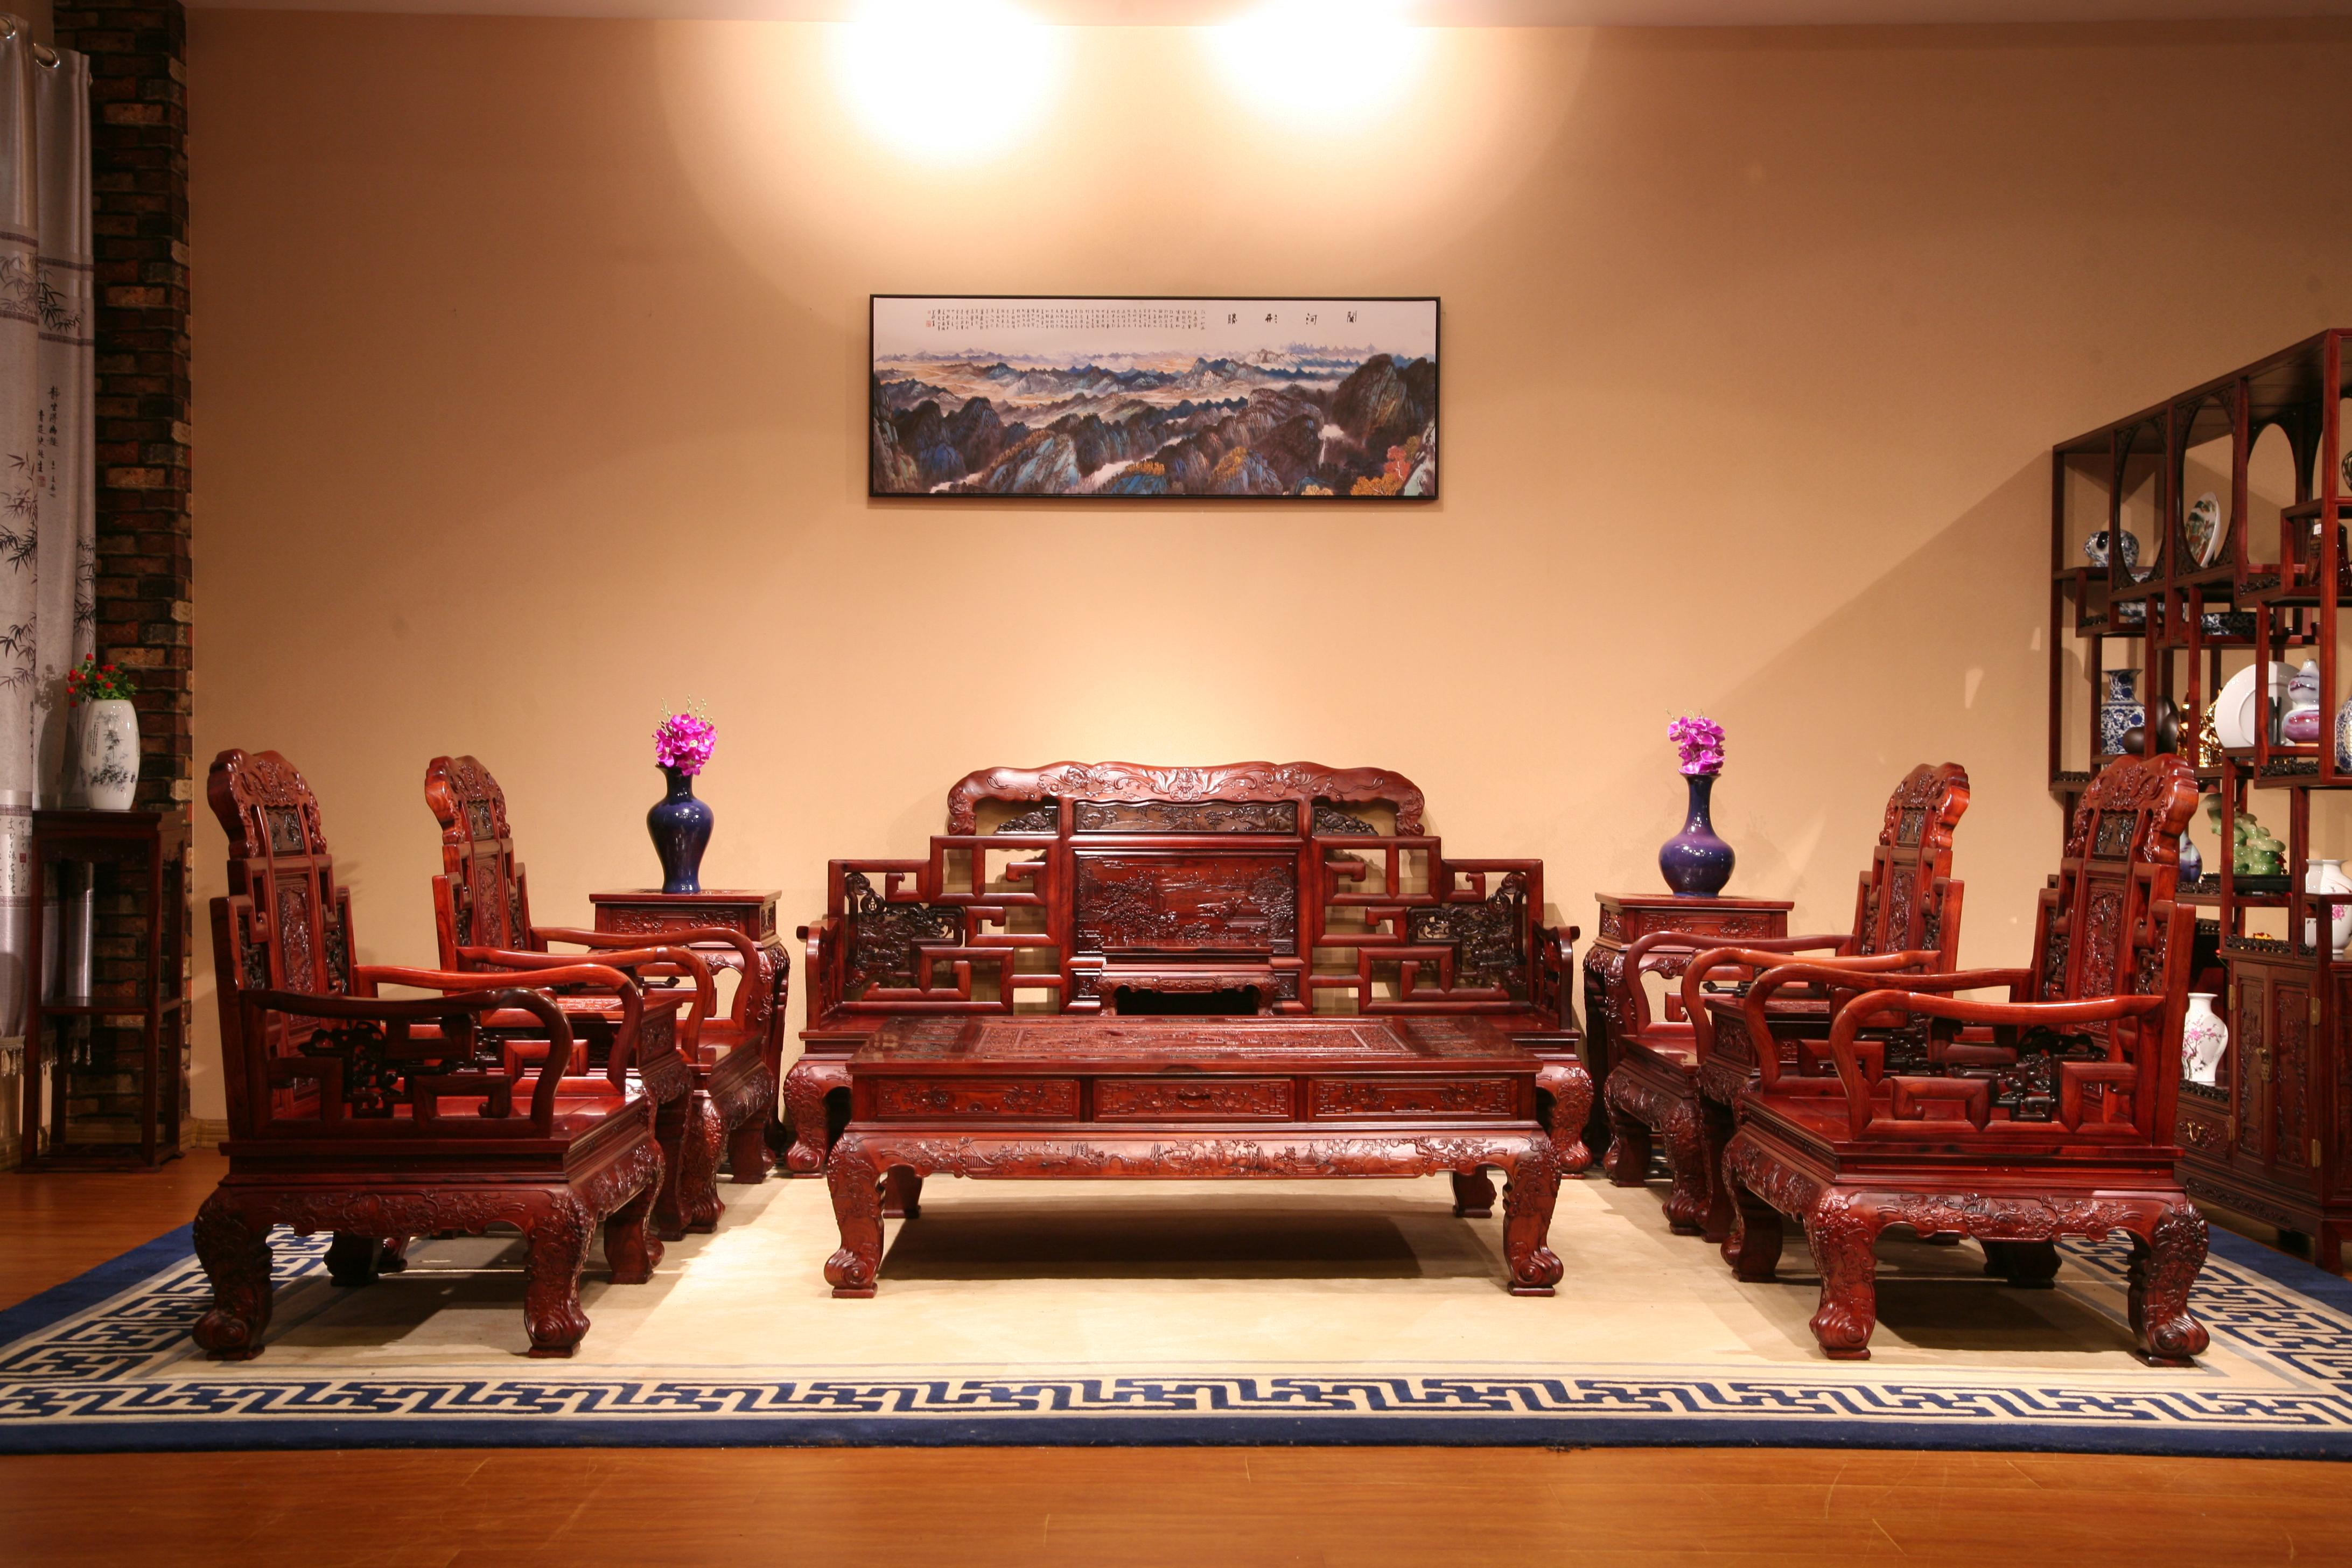 东阳和谐厂家直销红木沙发组合古典沙发组合红木家具实木家具红木沙发组合 红酸枝沙发